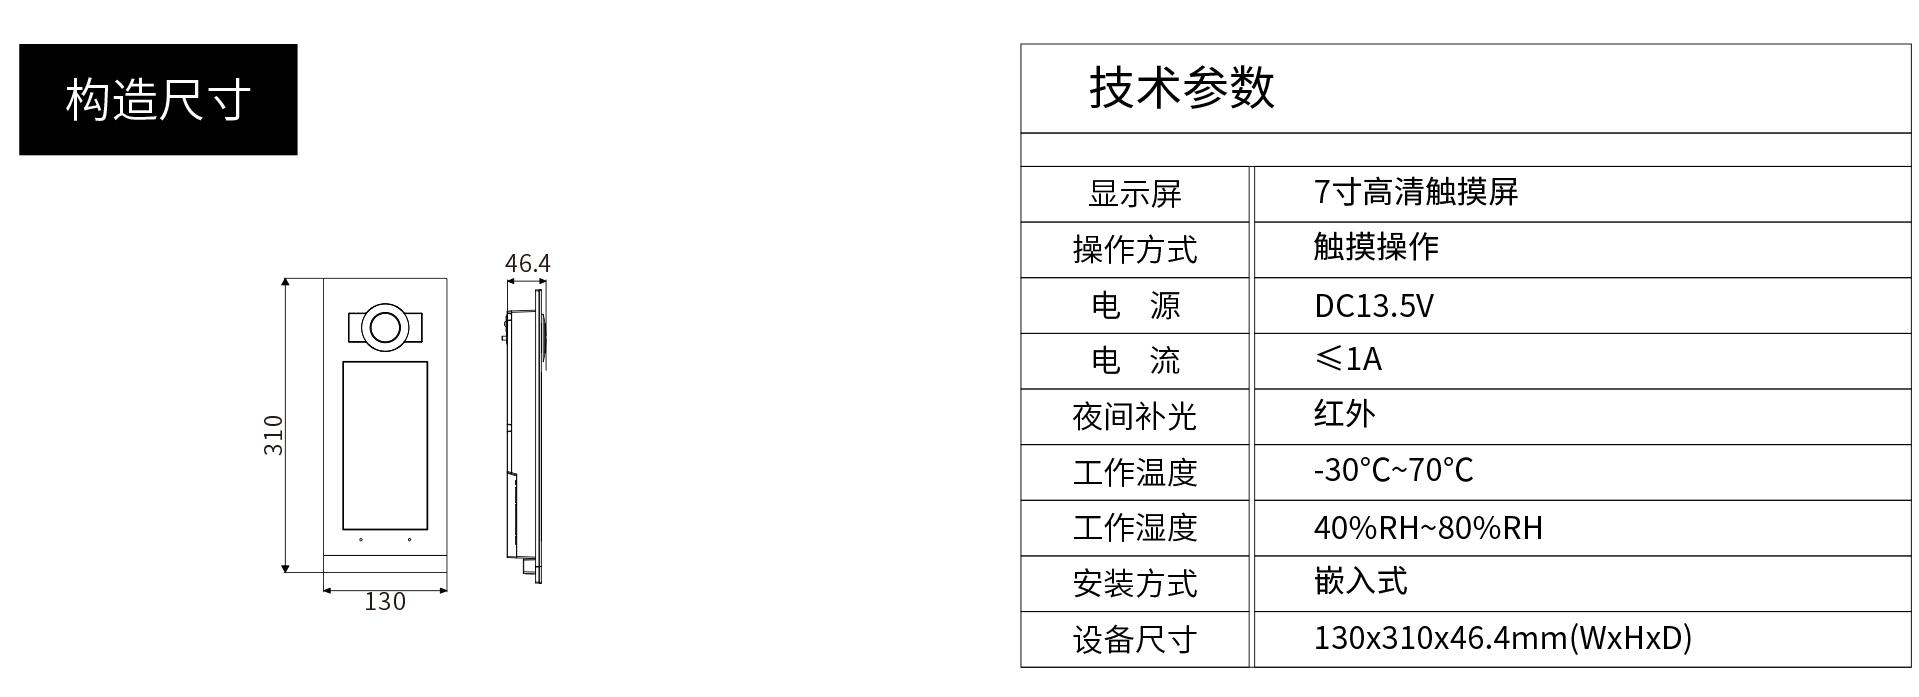 K7门口机参数.jpg